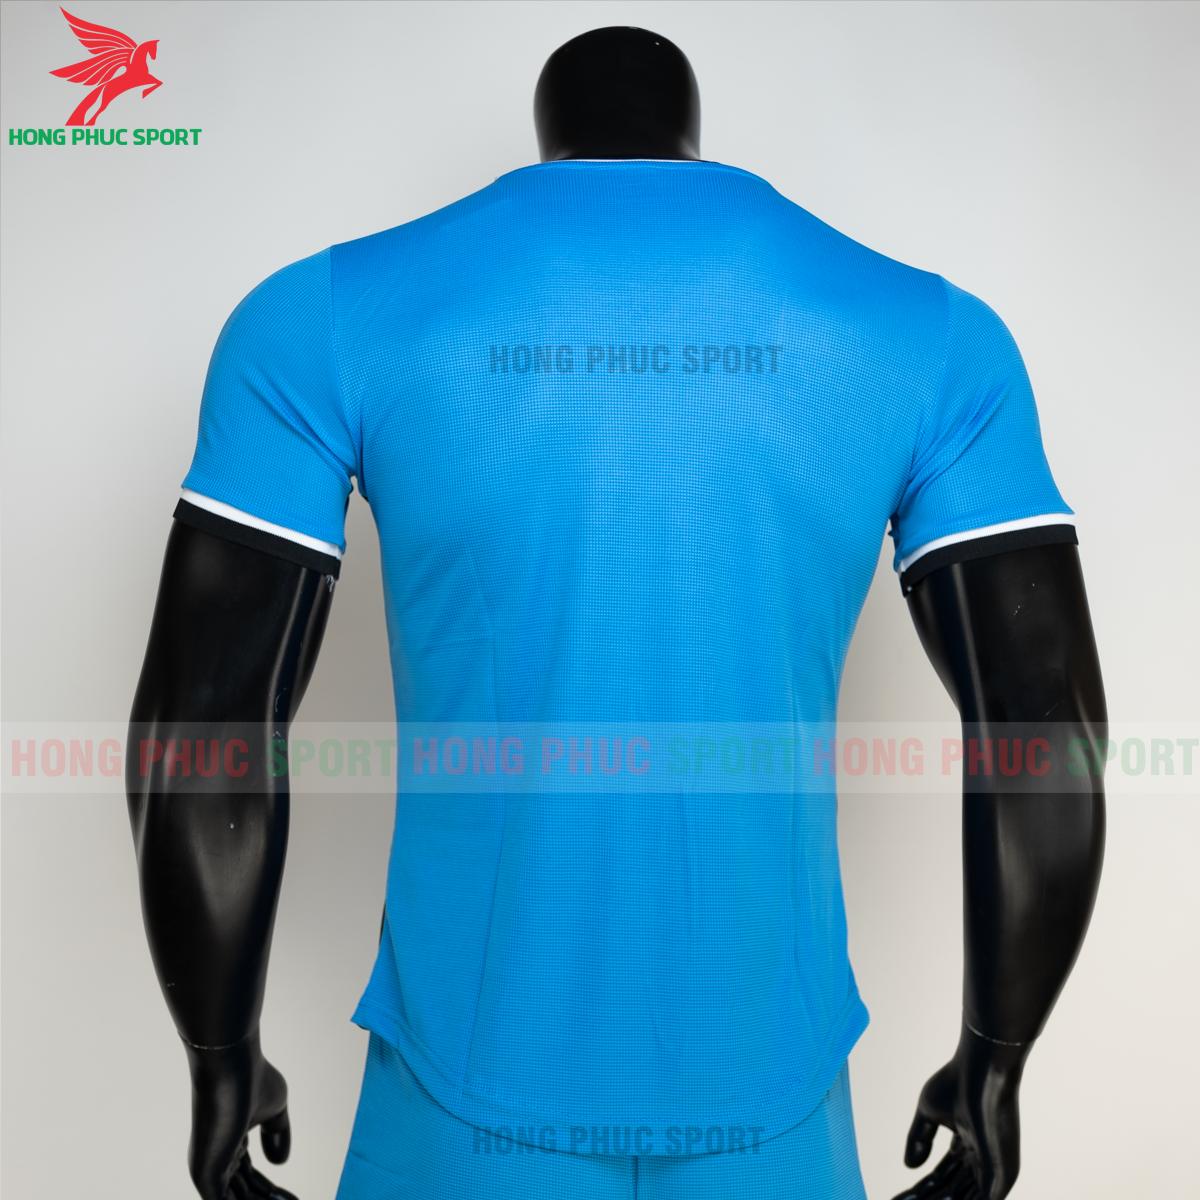 https://cdn.hongphucsport.com/unsafe/s4.shopbay.vn/files/285/ao-bong-chuyen-khong-logo-jordan-wave-mau-xanh-da-5-6050205f259f4.png